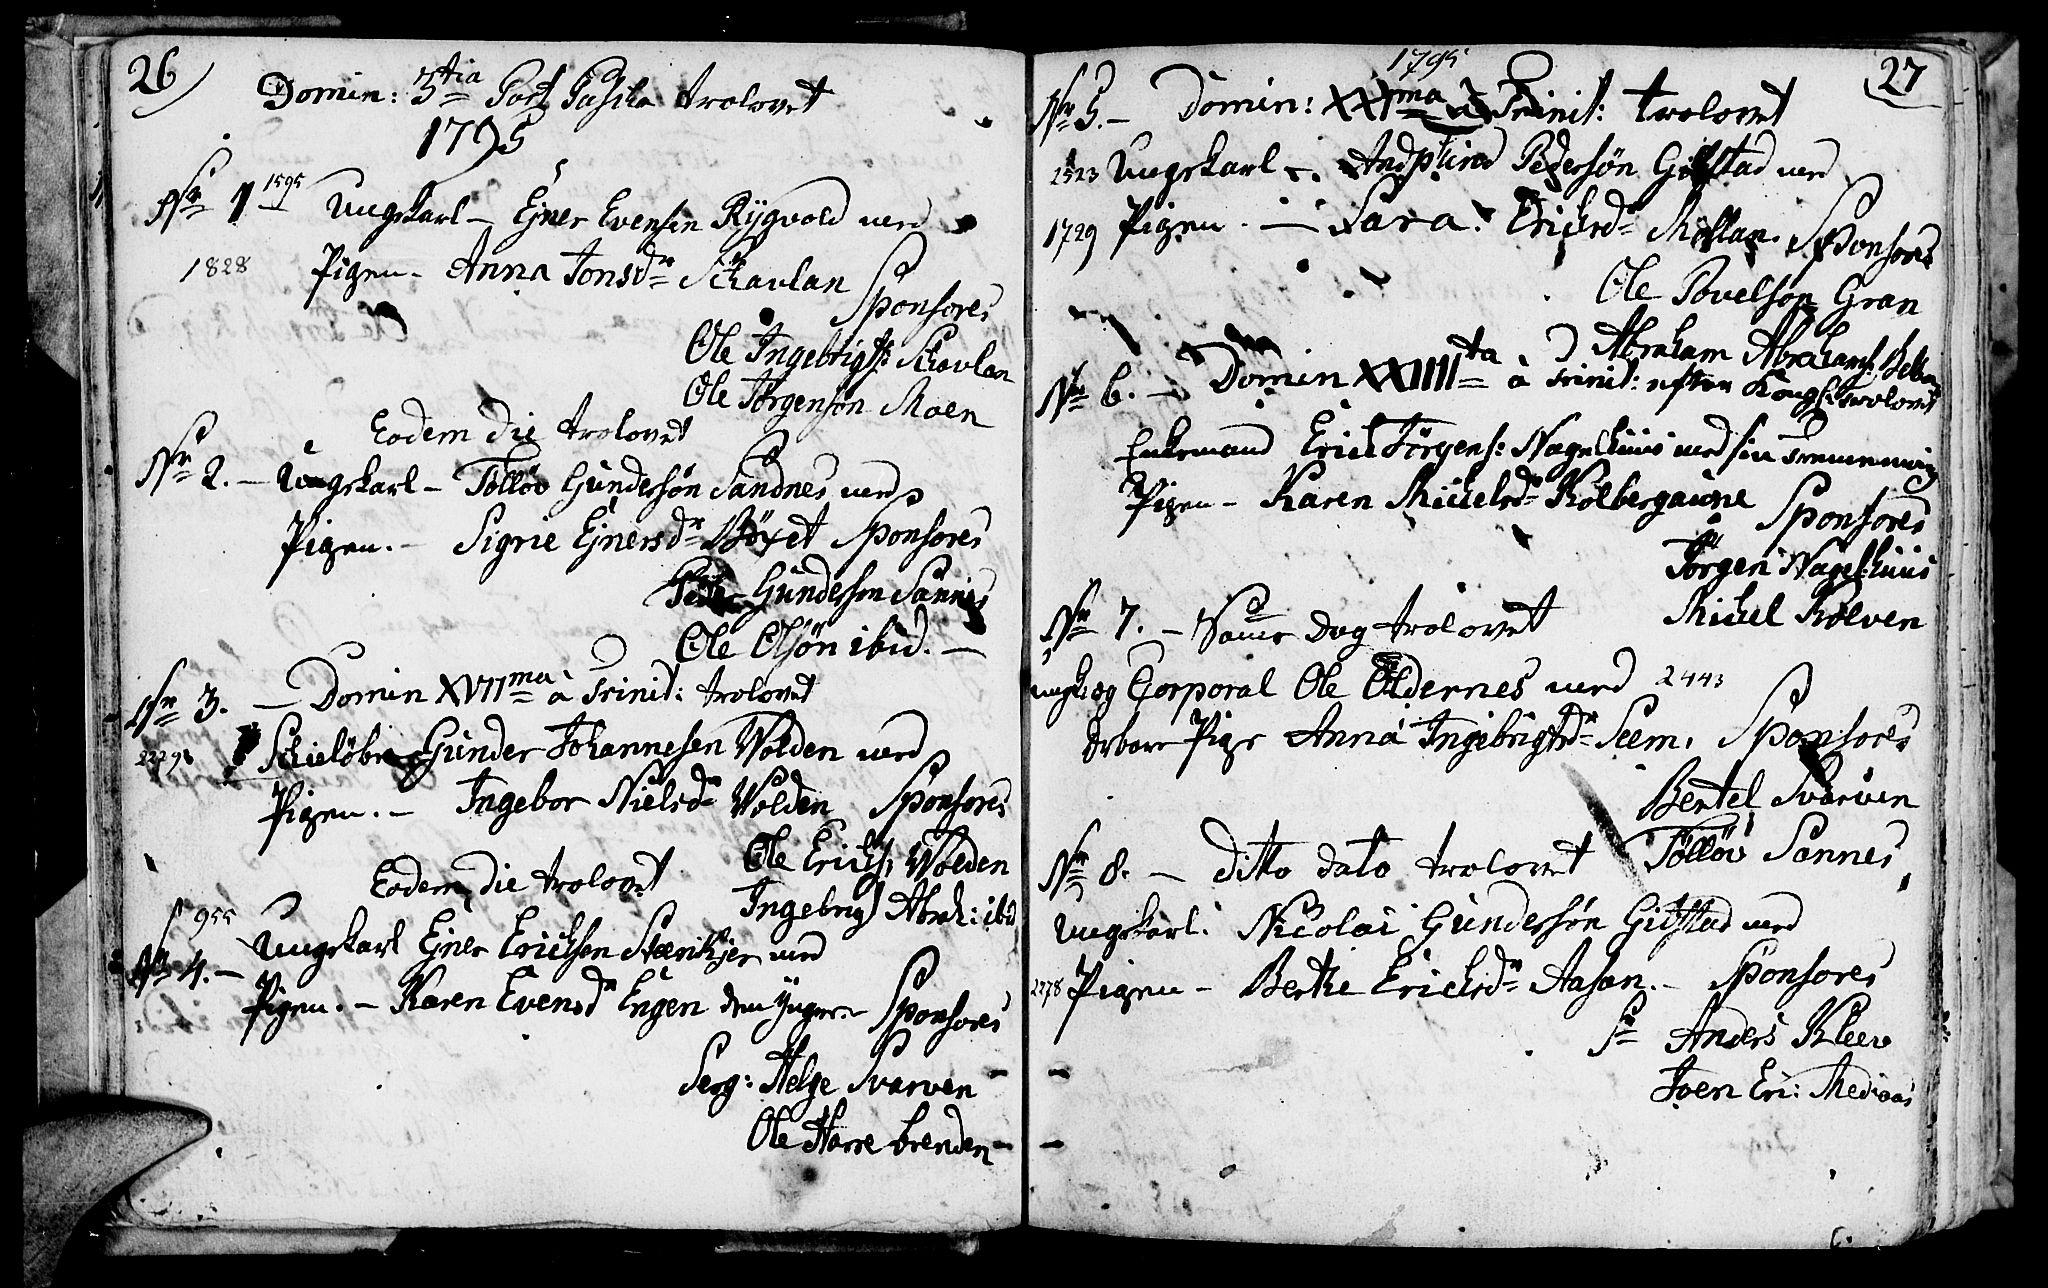 SAT, Ministerialprotokoller, klokkerbøker og fødselsregistre - Nord-Trøndelag, 749/L0468: Ministerialbok nr. 749A02, 1787-1817, s. 26-27